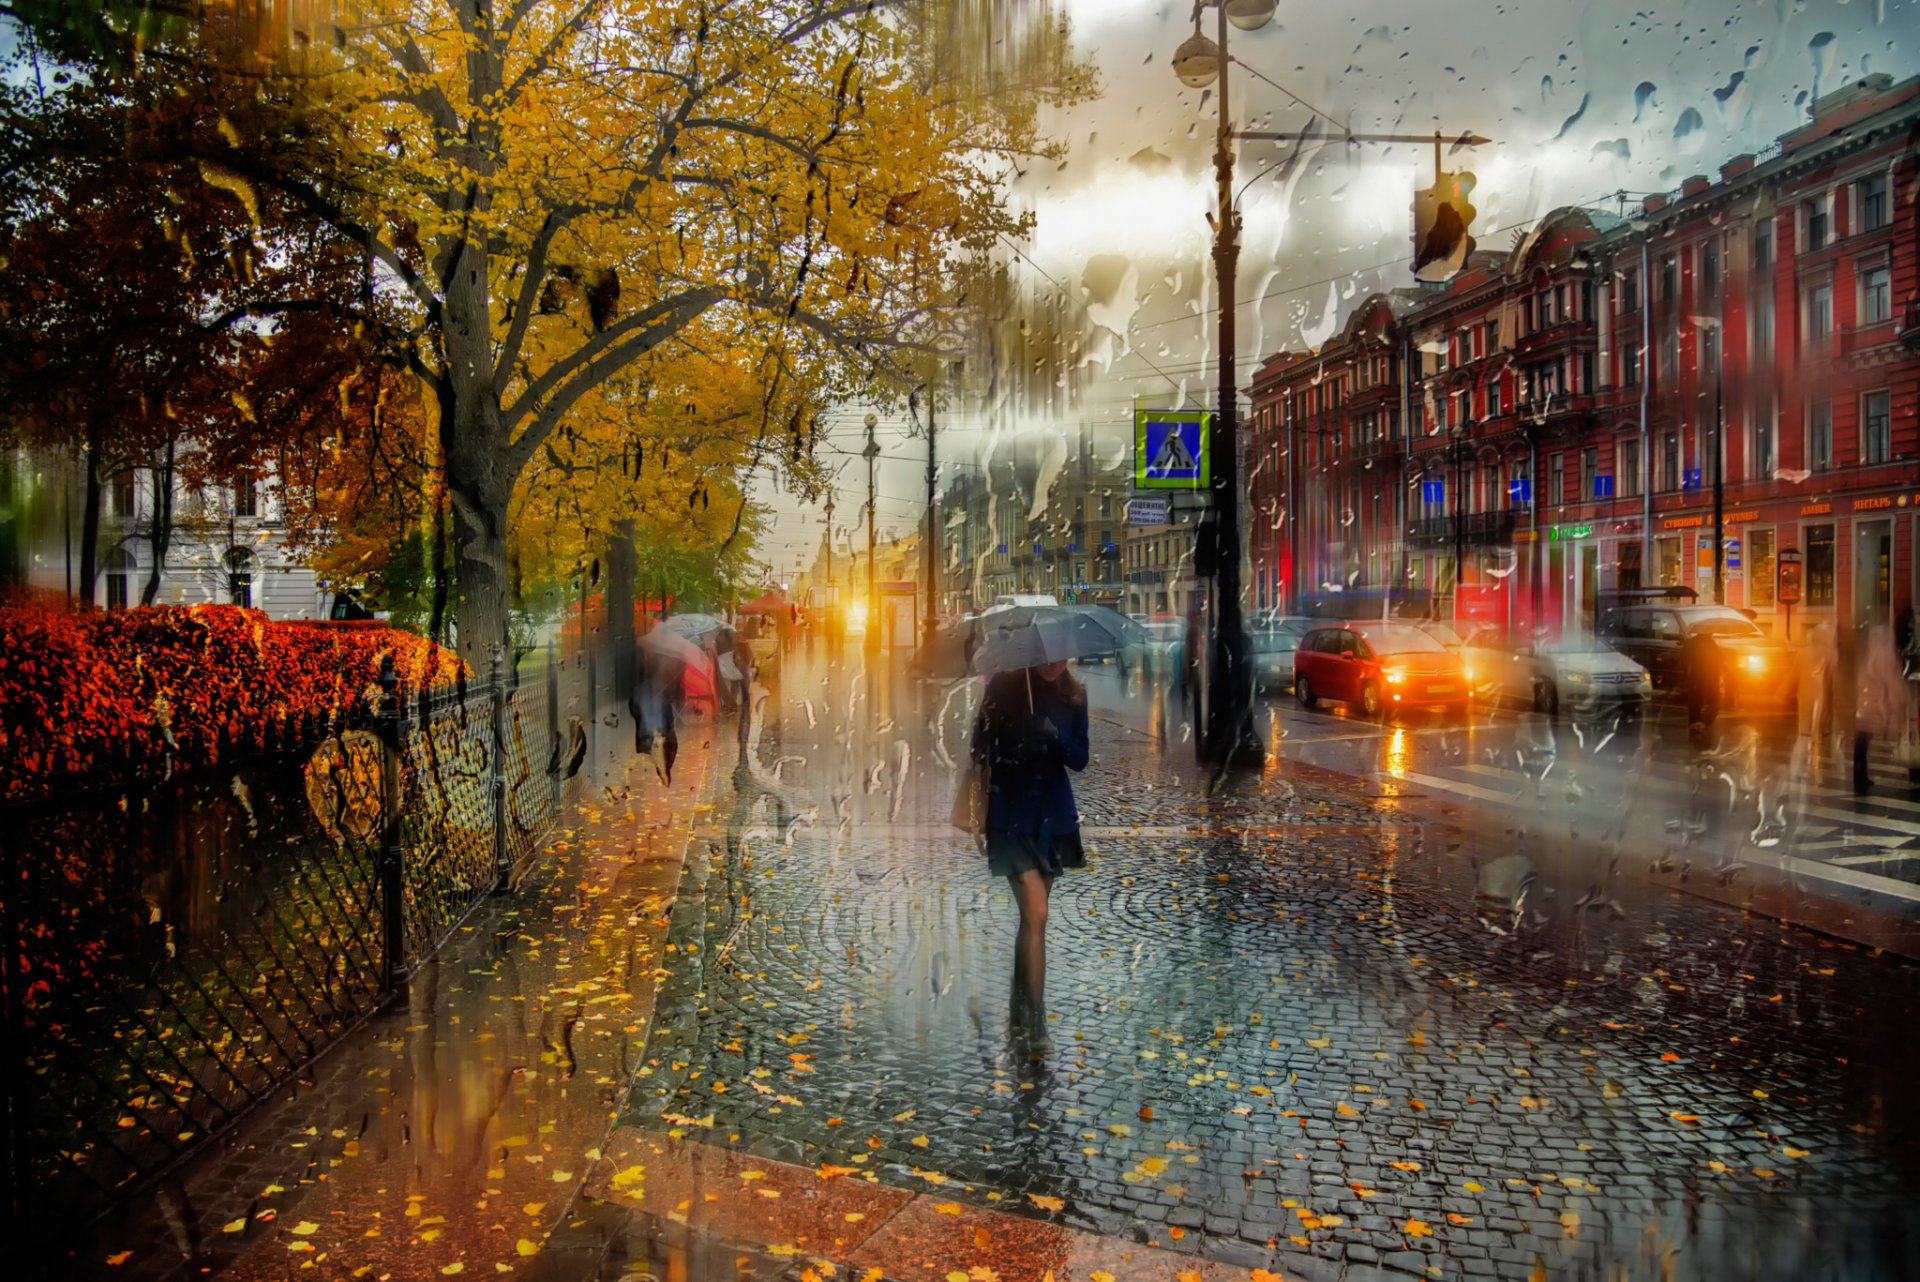 дождь питер обои для рабочего стола № 452370 без смс